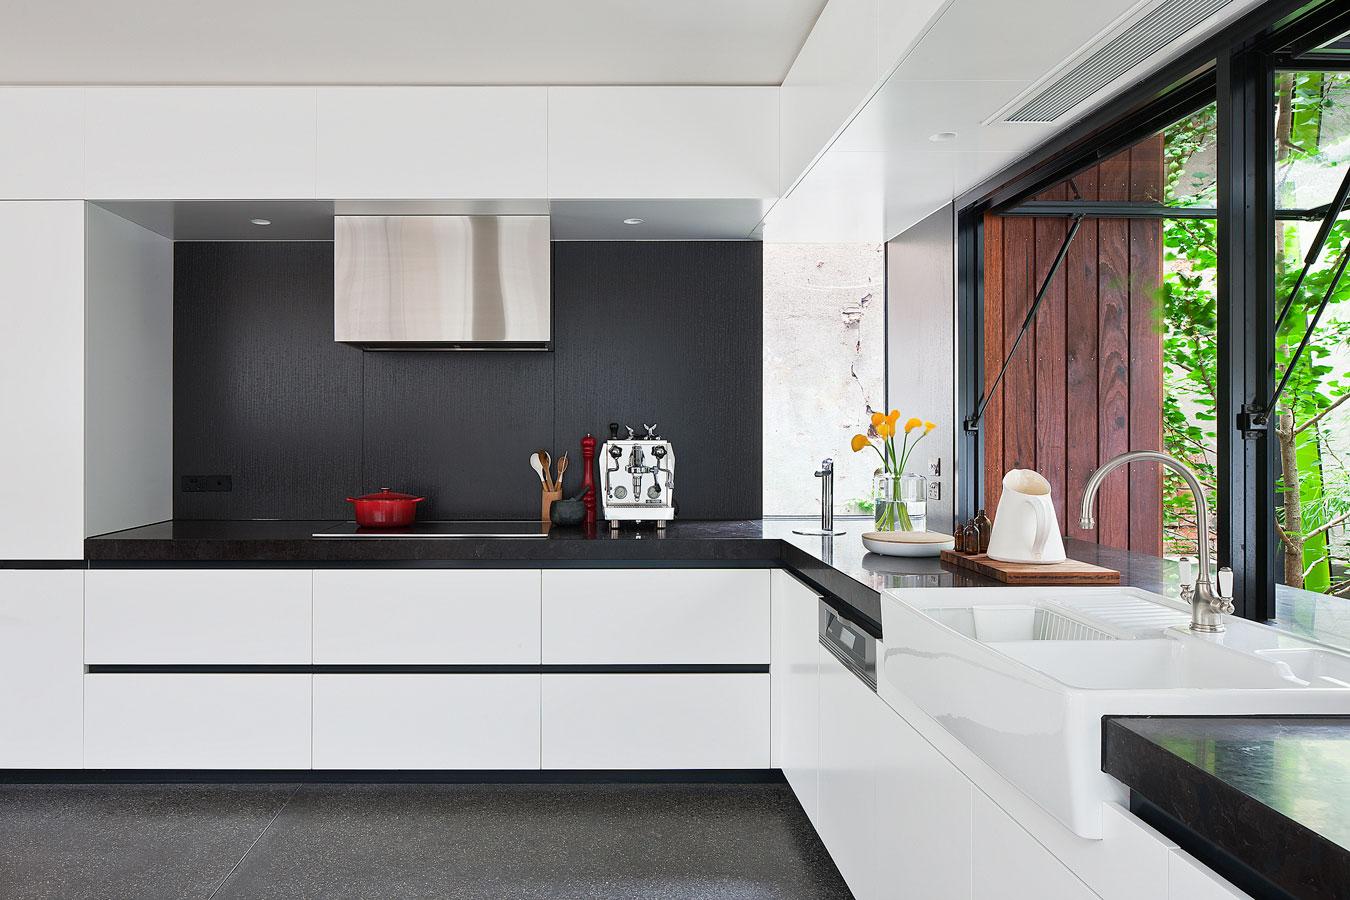 Wedo thiết kế nội thất nhà bếp đẹp và tiện nghi